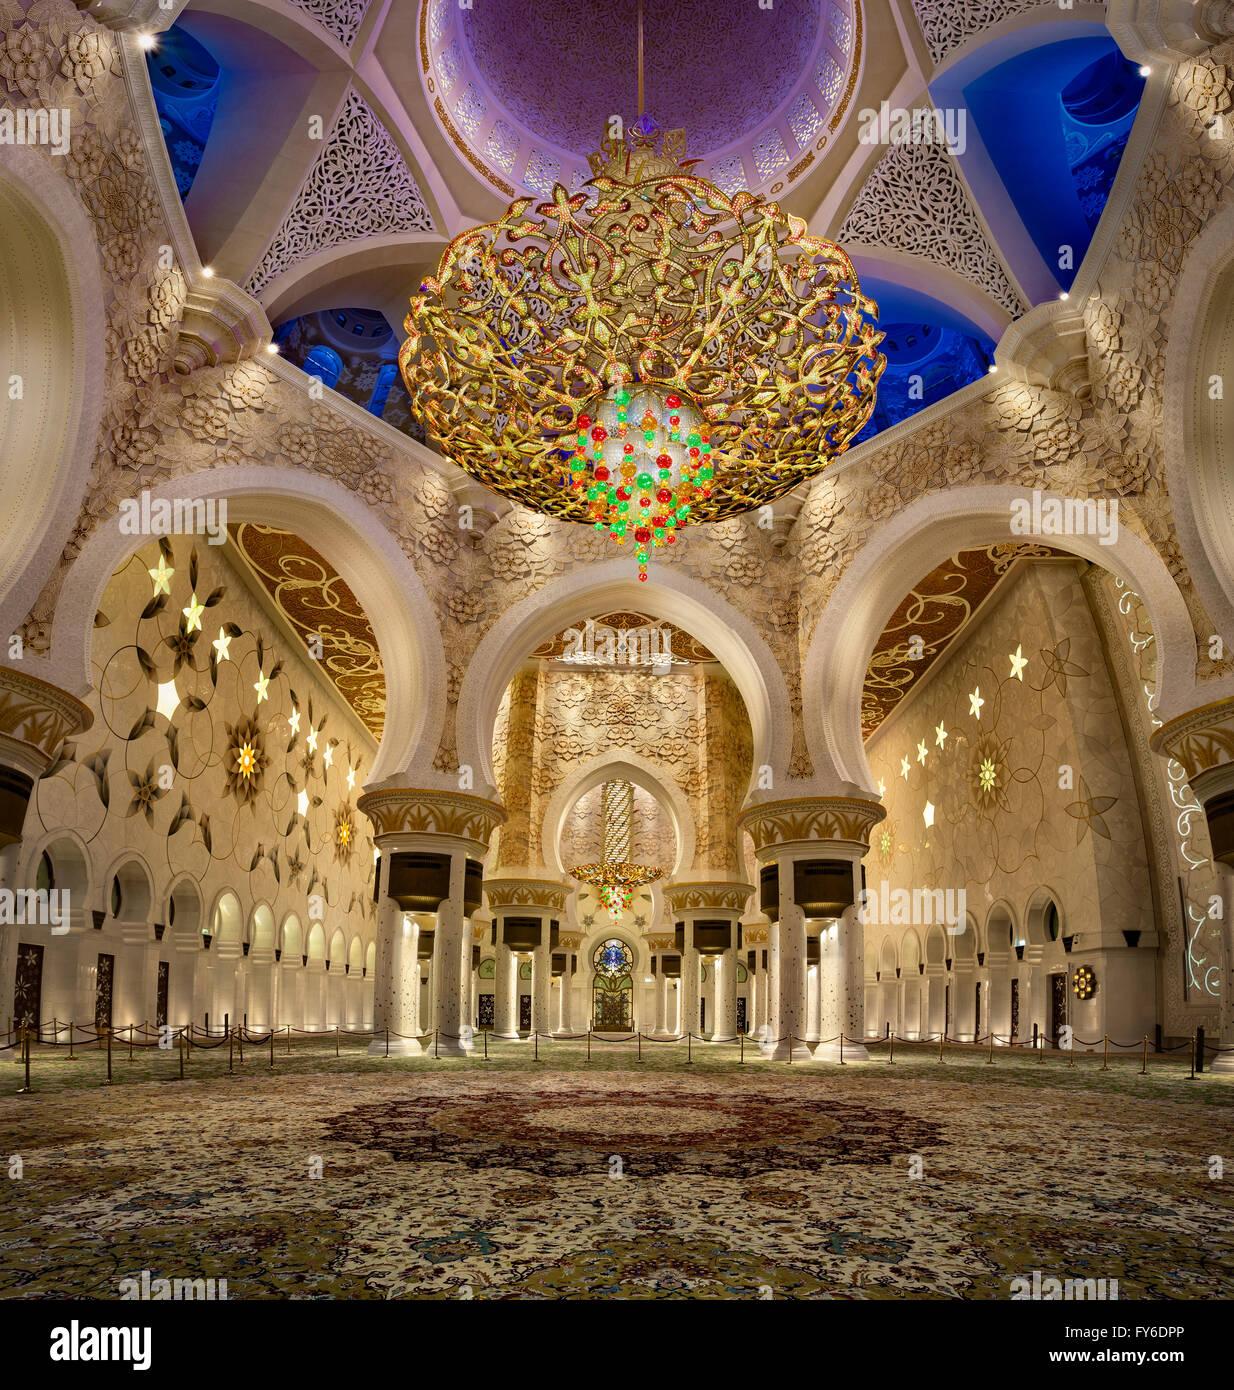 Moschea Sheikh Zayed il secondo più grande lampadario nel mondo Immagini Stock